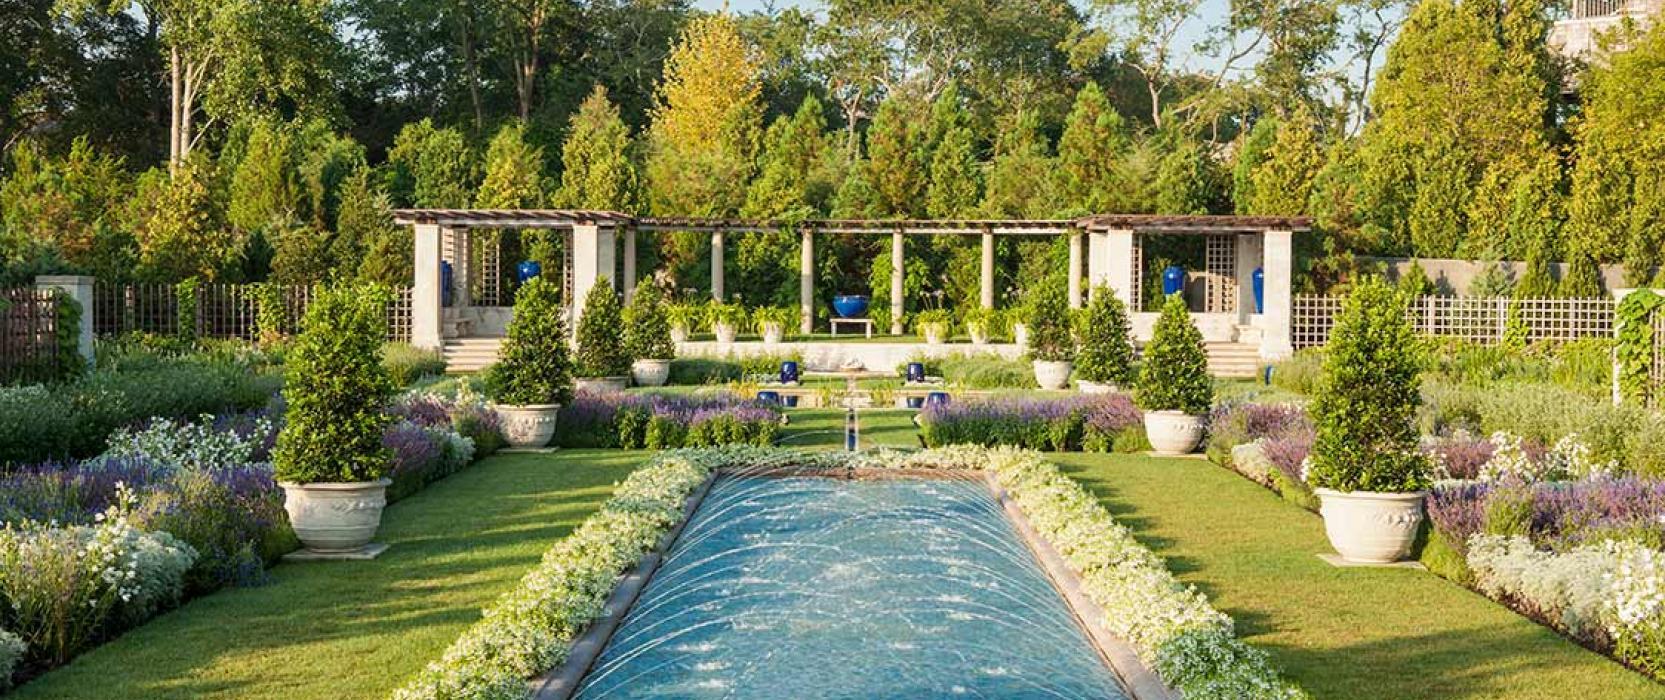 Beautiful landscape gardens in Newport, Rhode Island